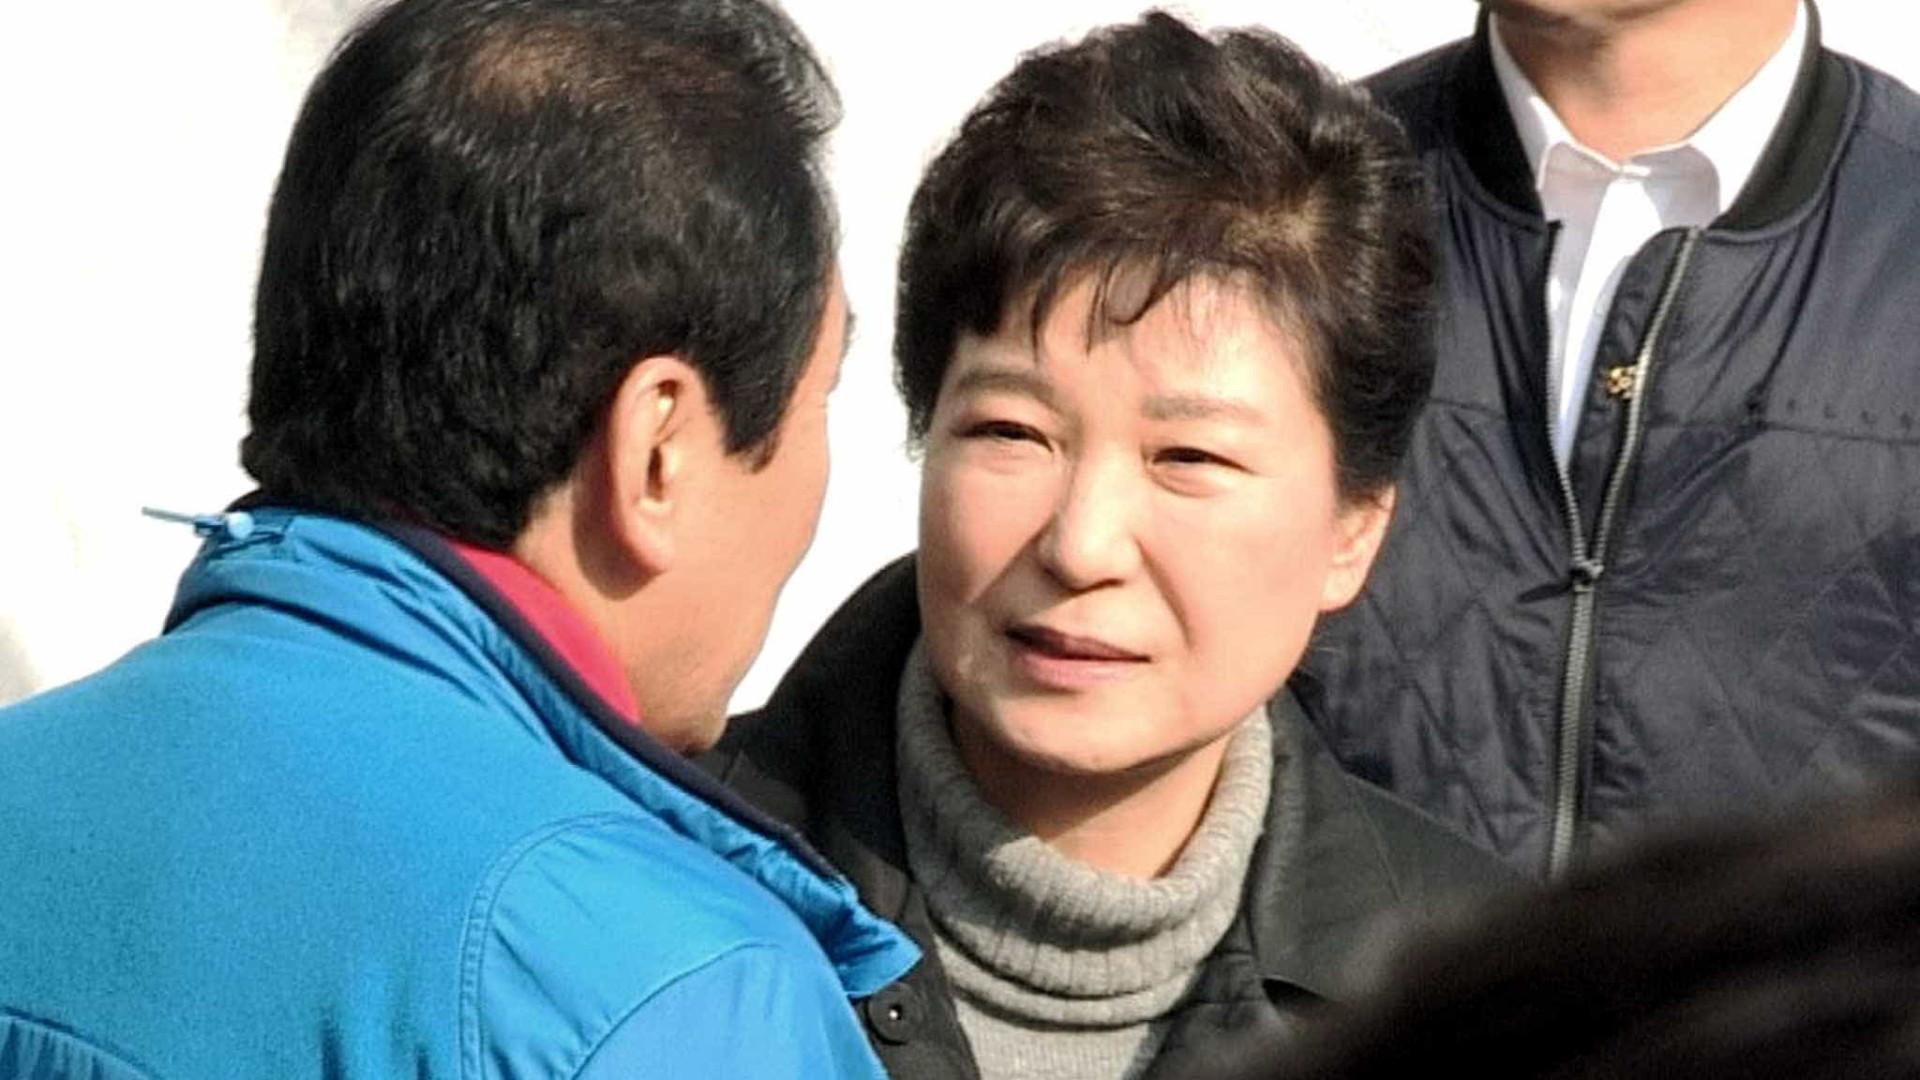 Parlamento sul-coreano vota a 9 de dezembro destituição da Presidente